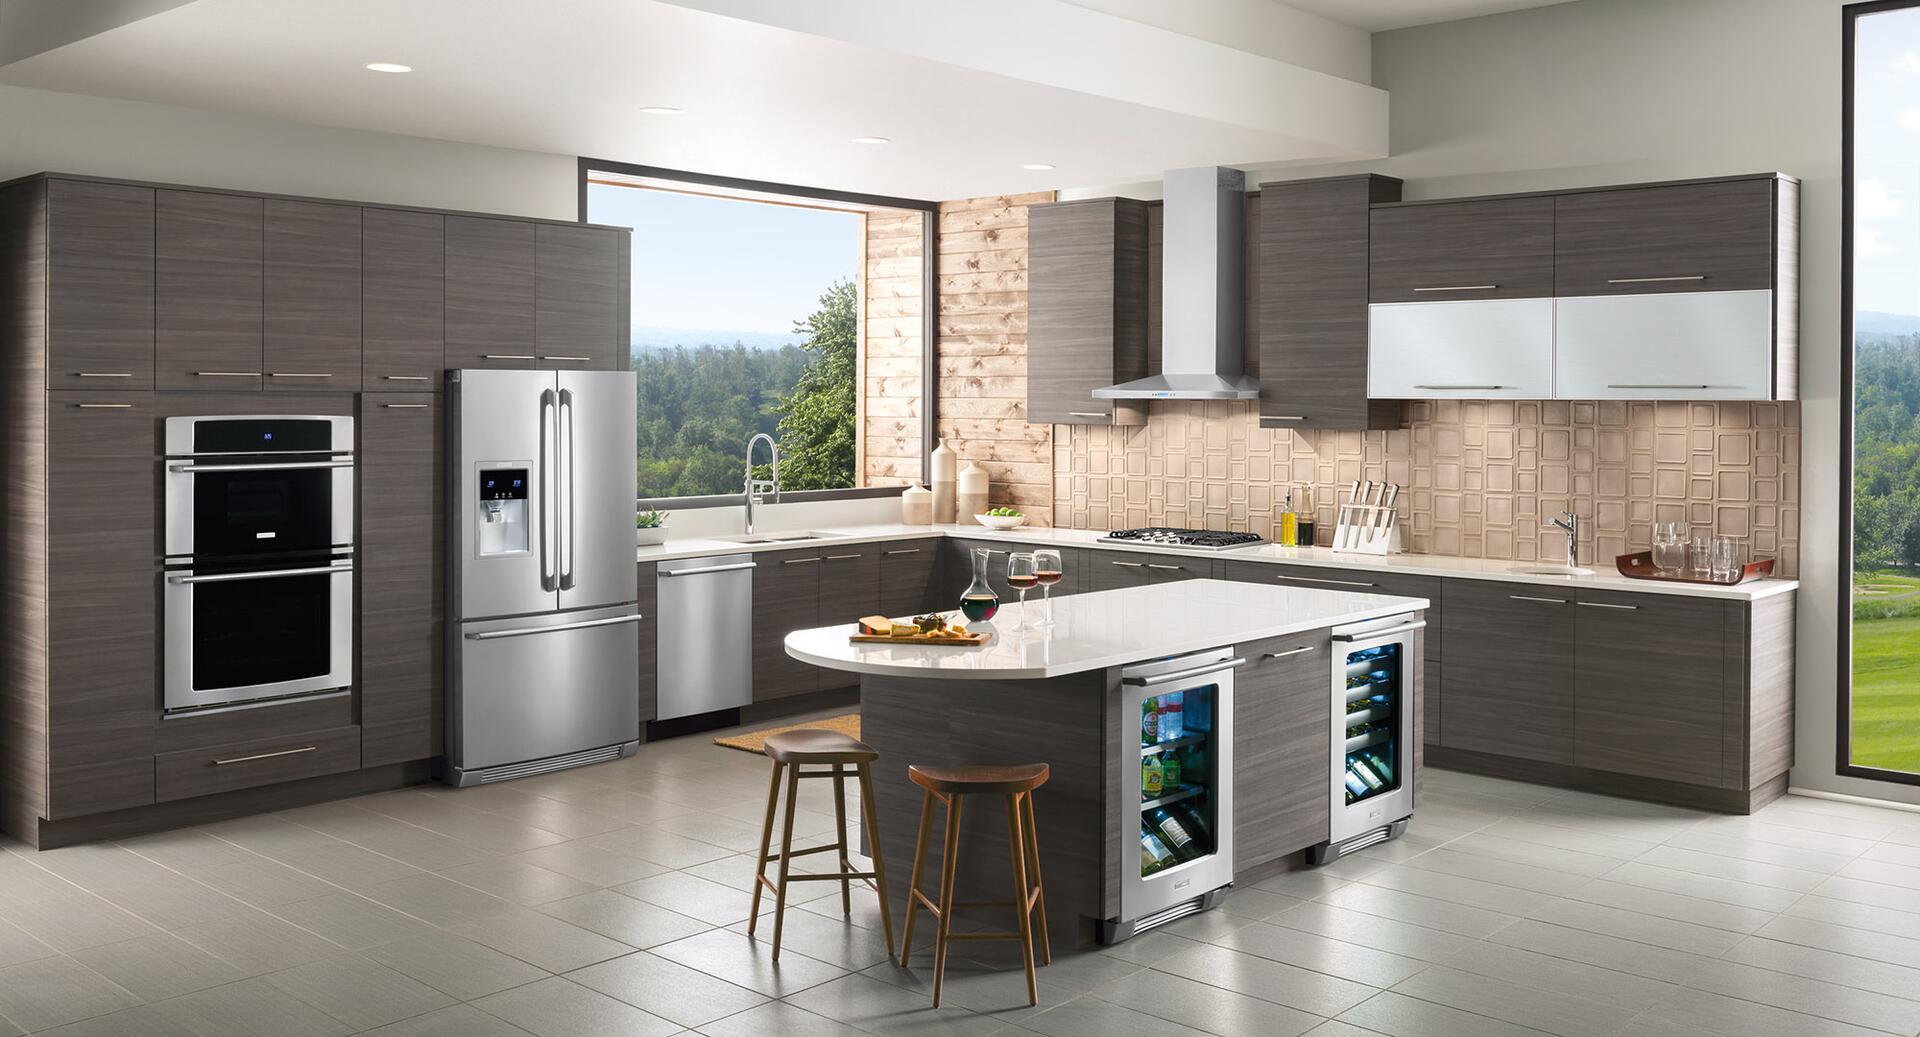 electrolux ew30mc65ps | appliances connection